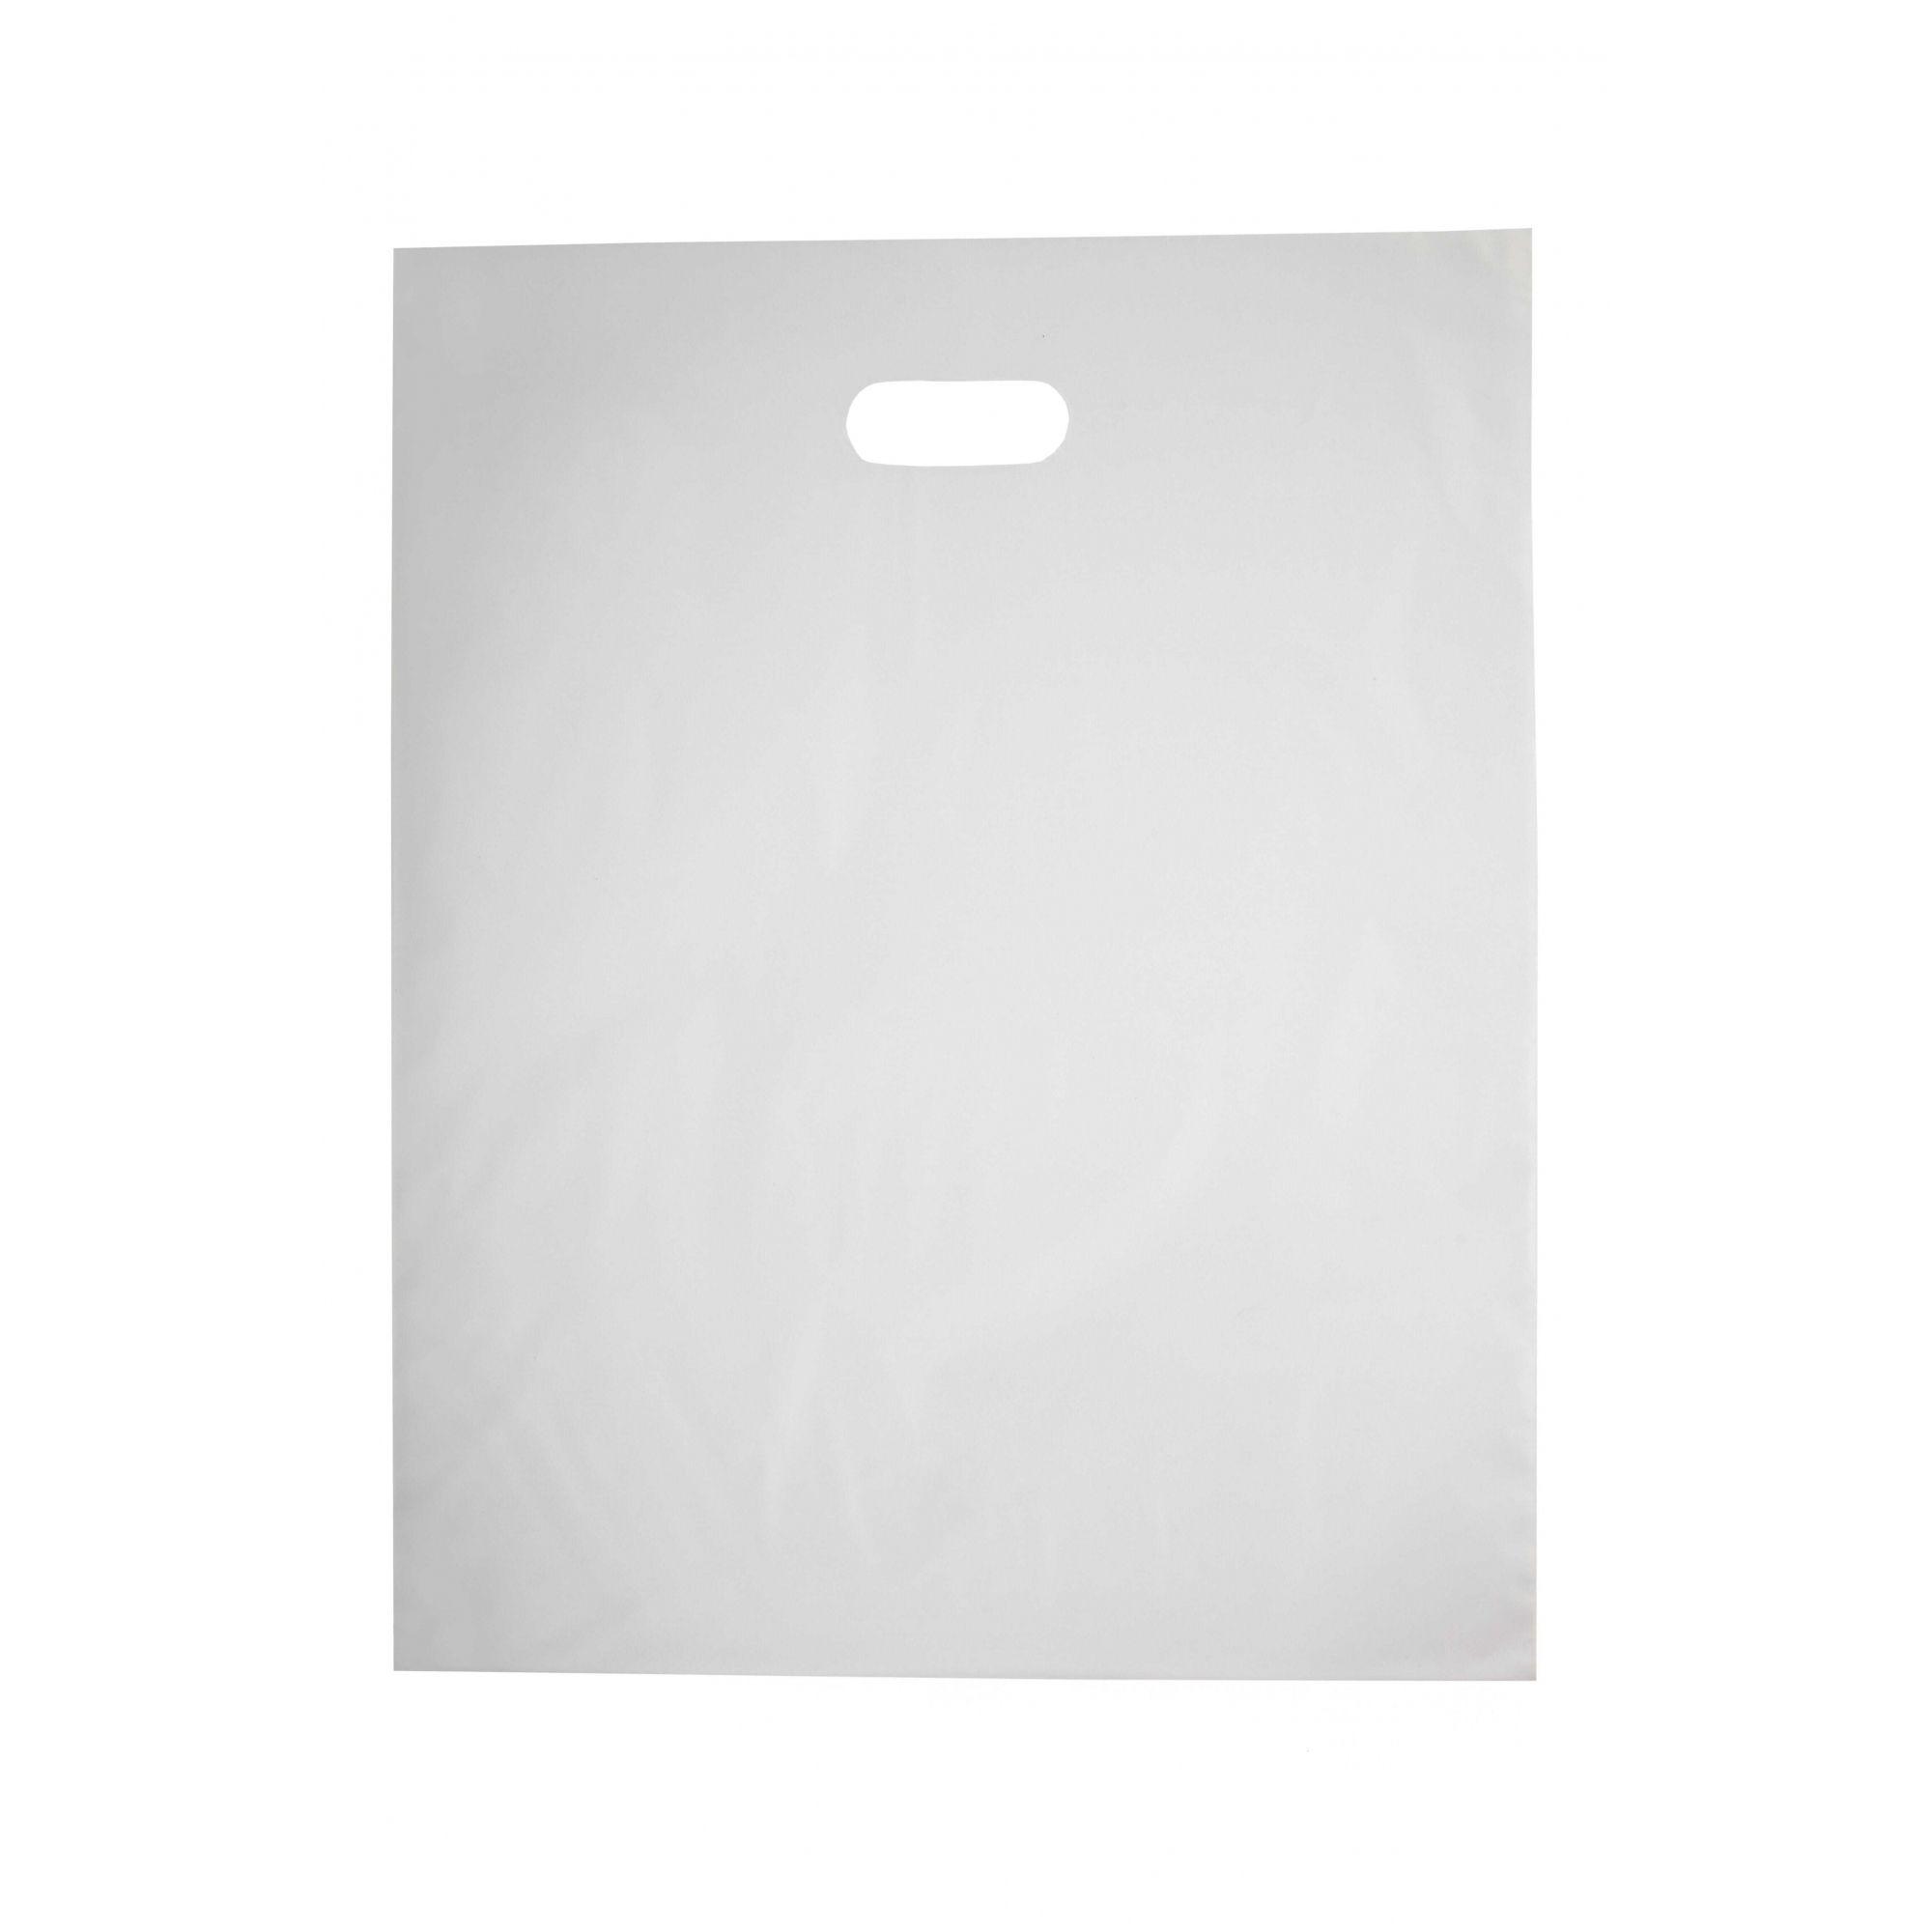 Sacola Plástica 40x50 Transparente - Alça Boca de Palhaço